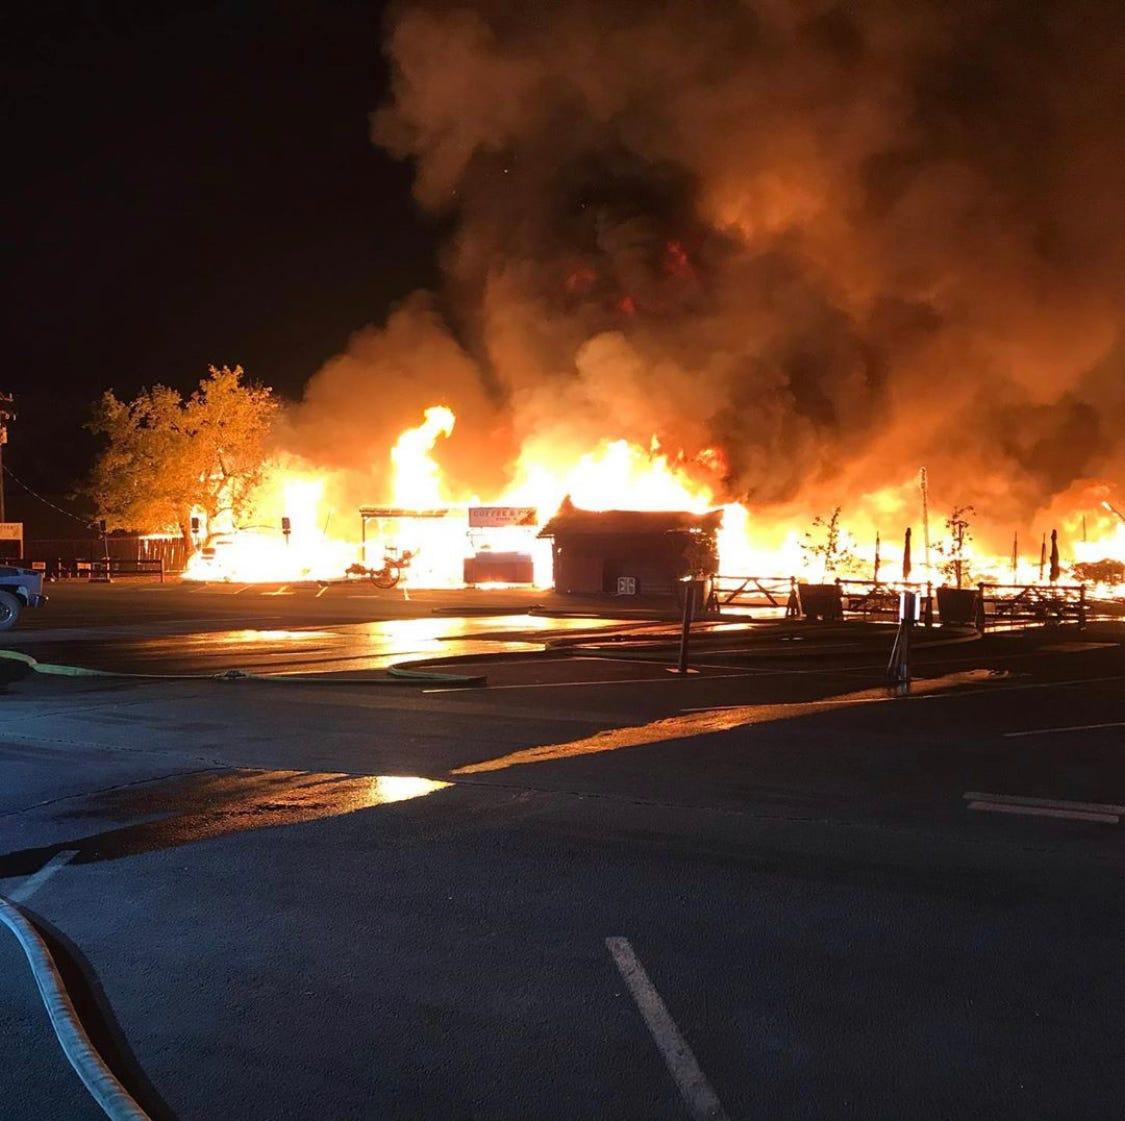 Oak Glen Preserve Closed Until Further Notice After Destructive Fire